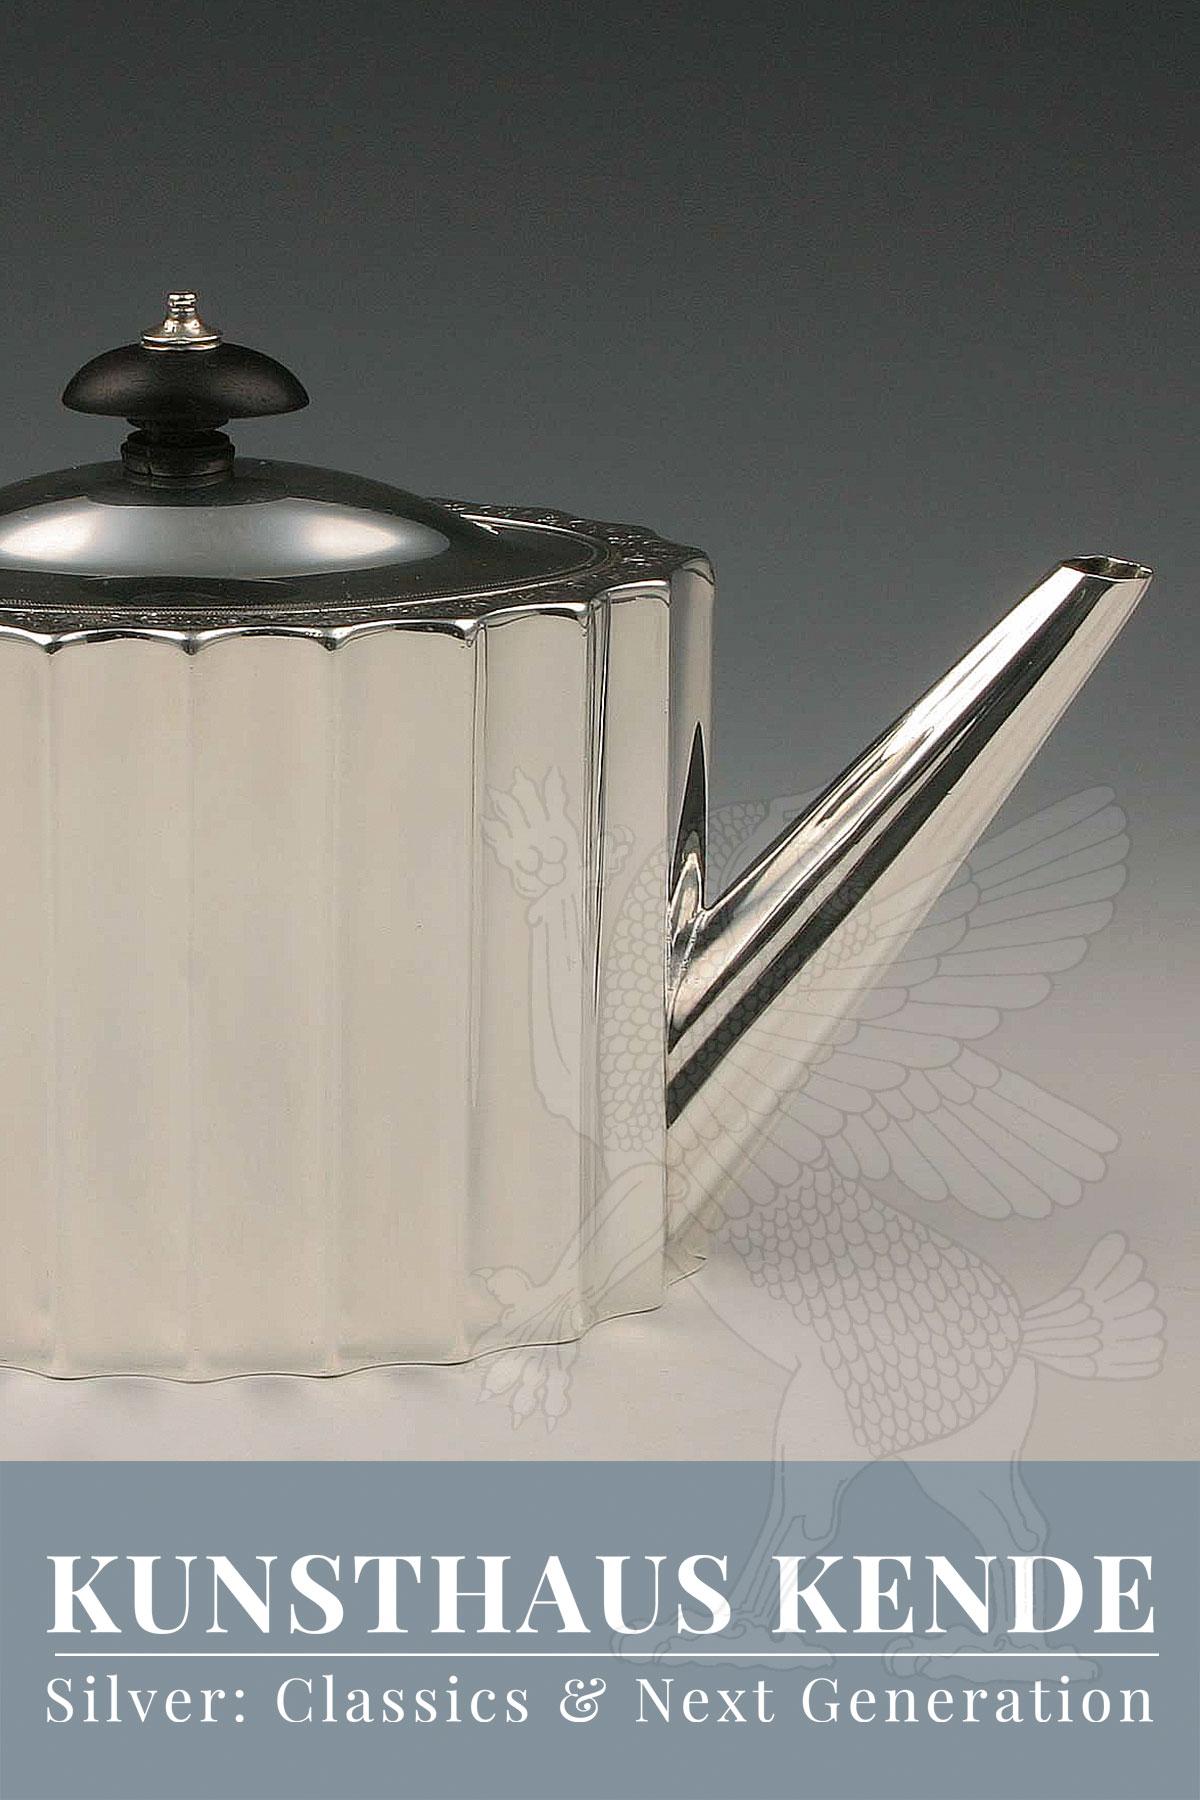 englische sterling silber teekanne tee kaffeekanne silber 925 silberkanne london